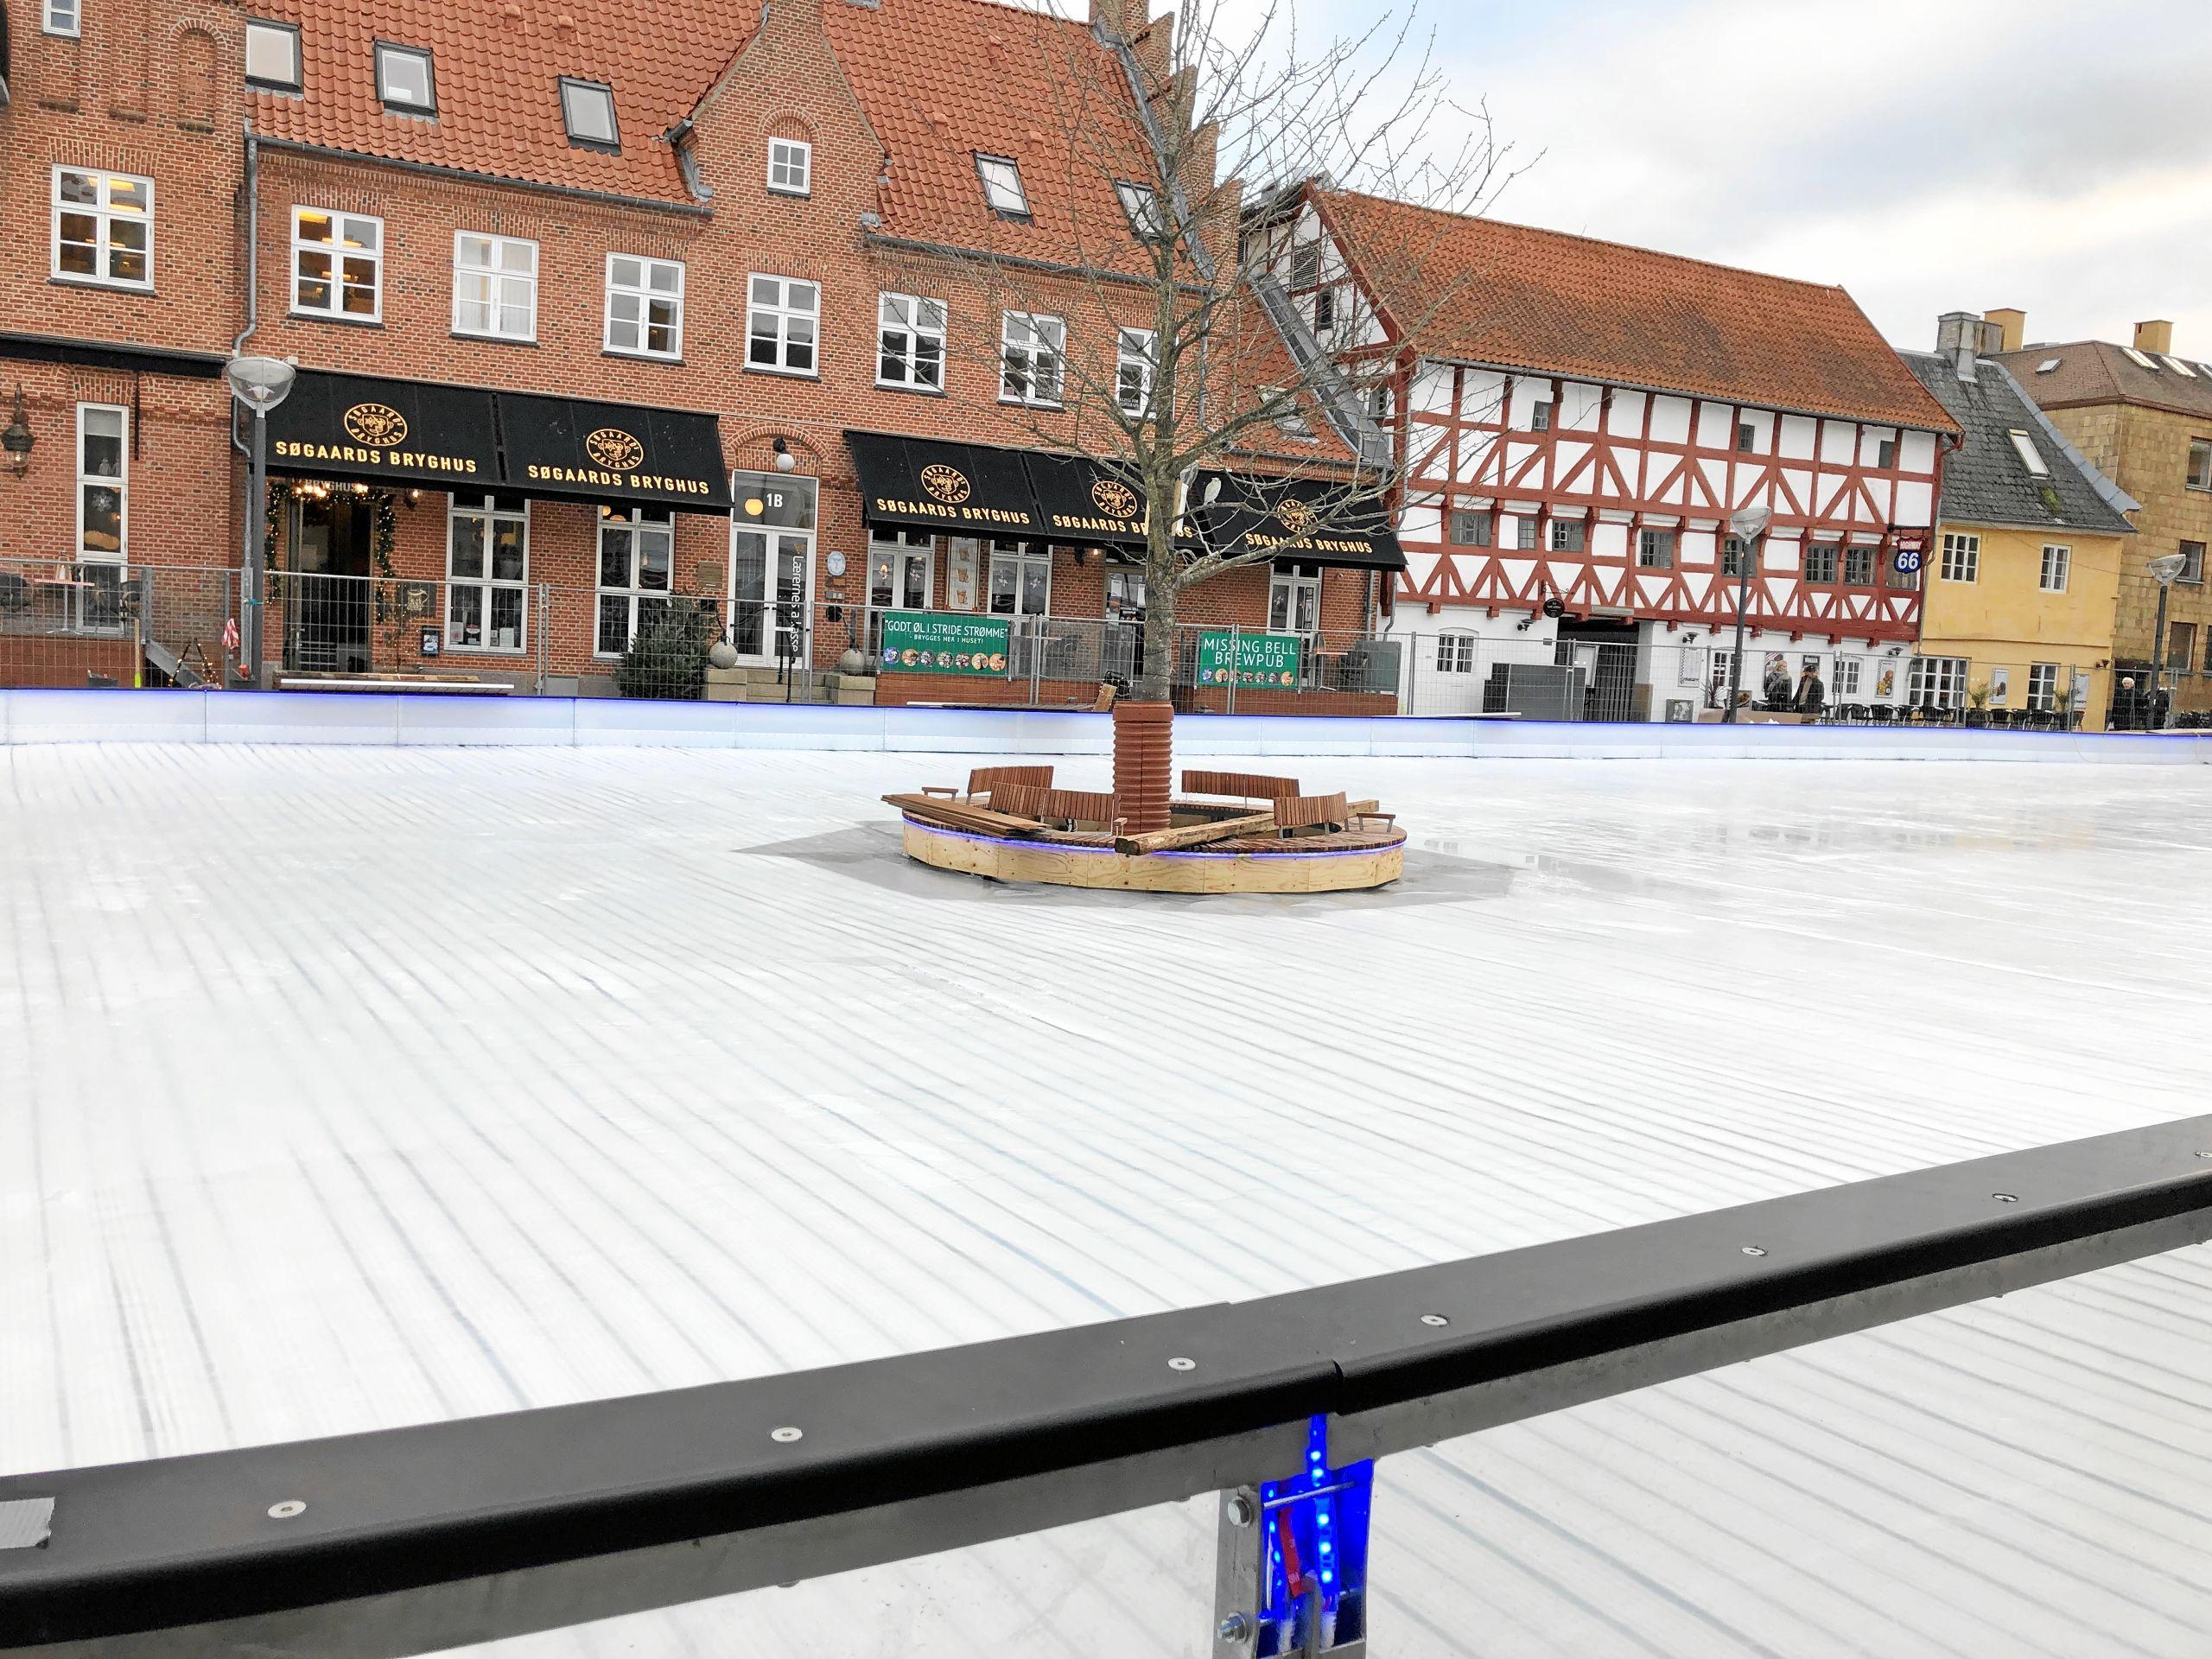 Der er blevet arbejdet på højtryk for at få skøjtebanen gjort klar til åbningen. Der er således blevet nedlagt ikke mindre end ca. 47 kilometer kølerør for at få den helt rigtige isbelægning. Foto: Aalborg Kommune